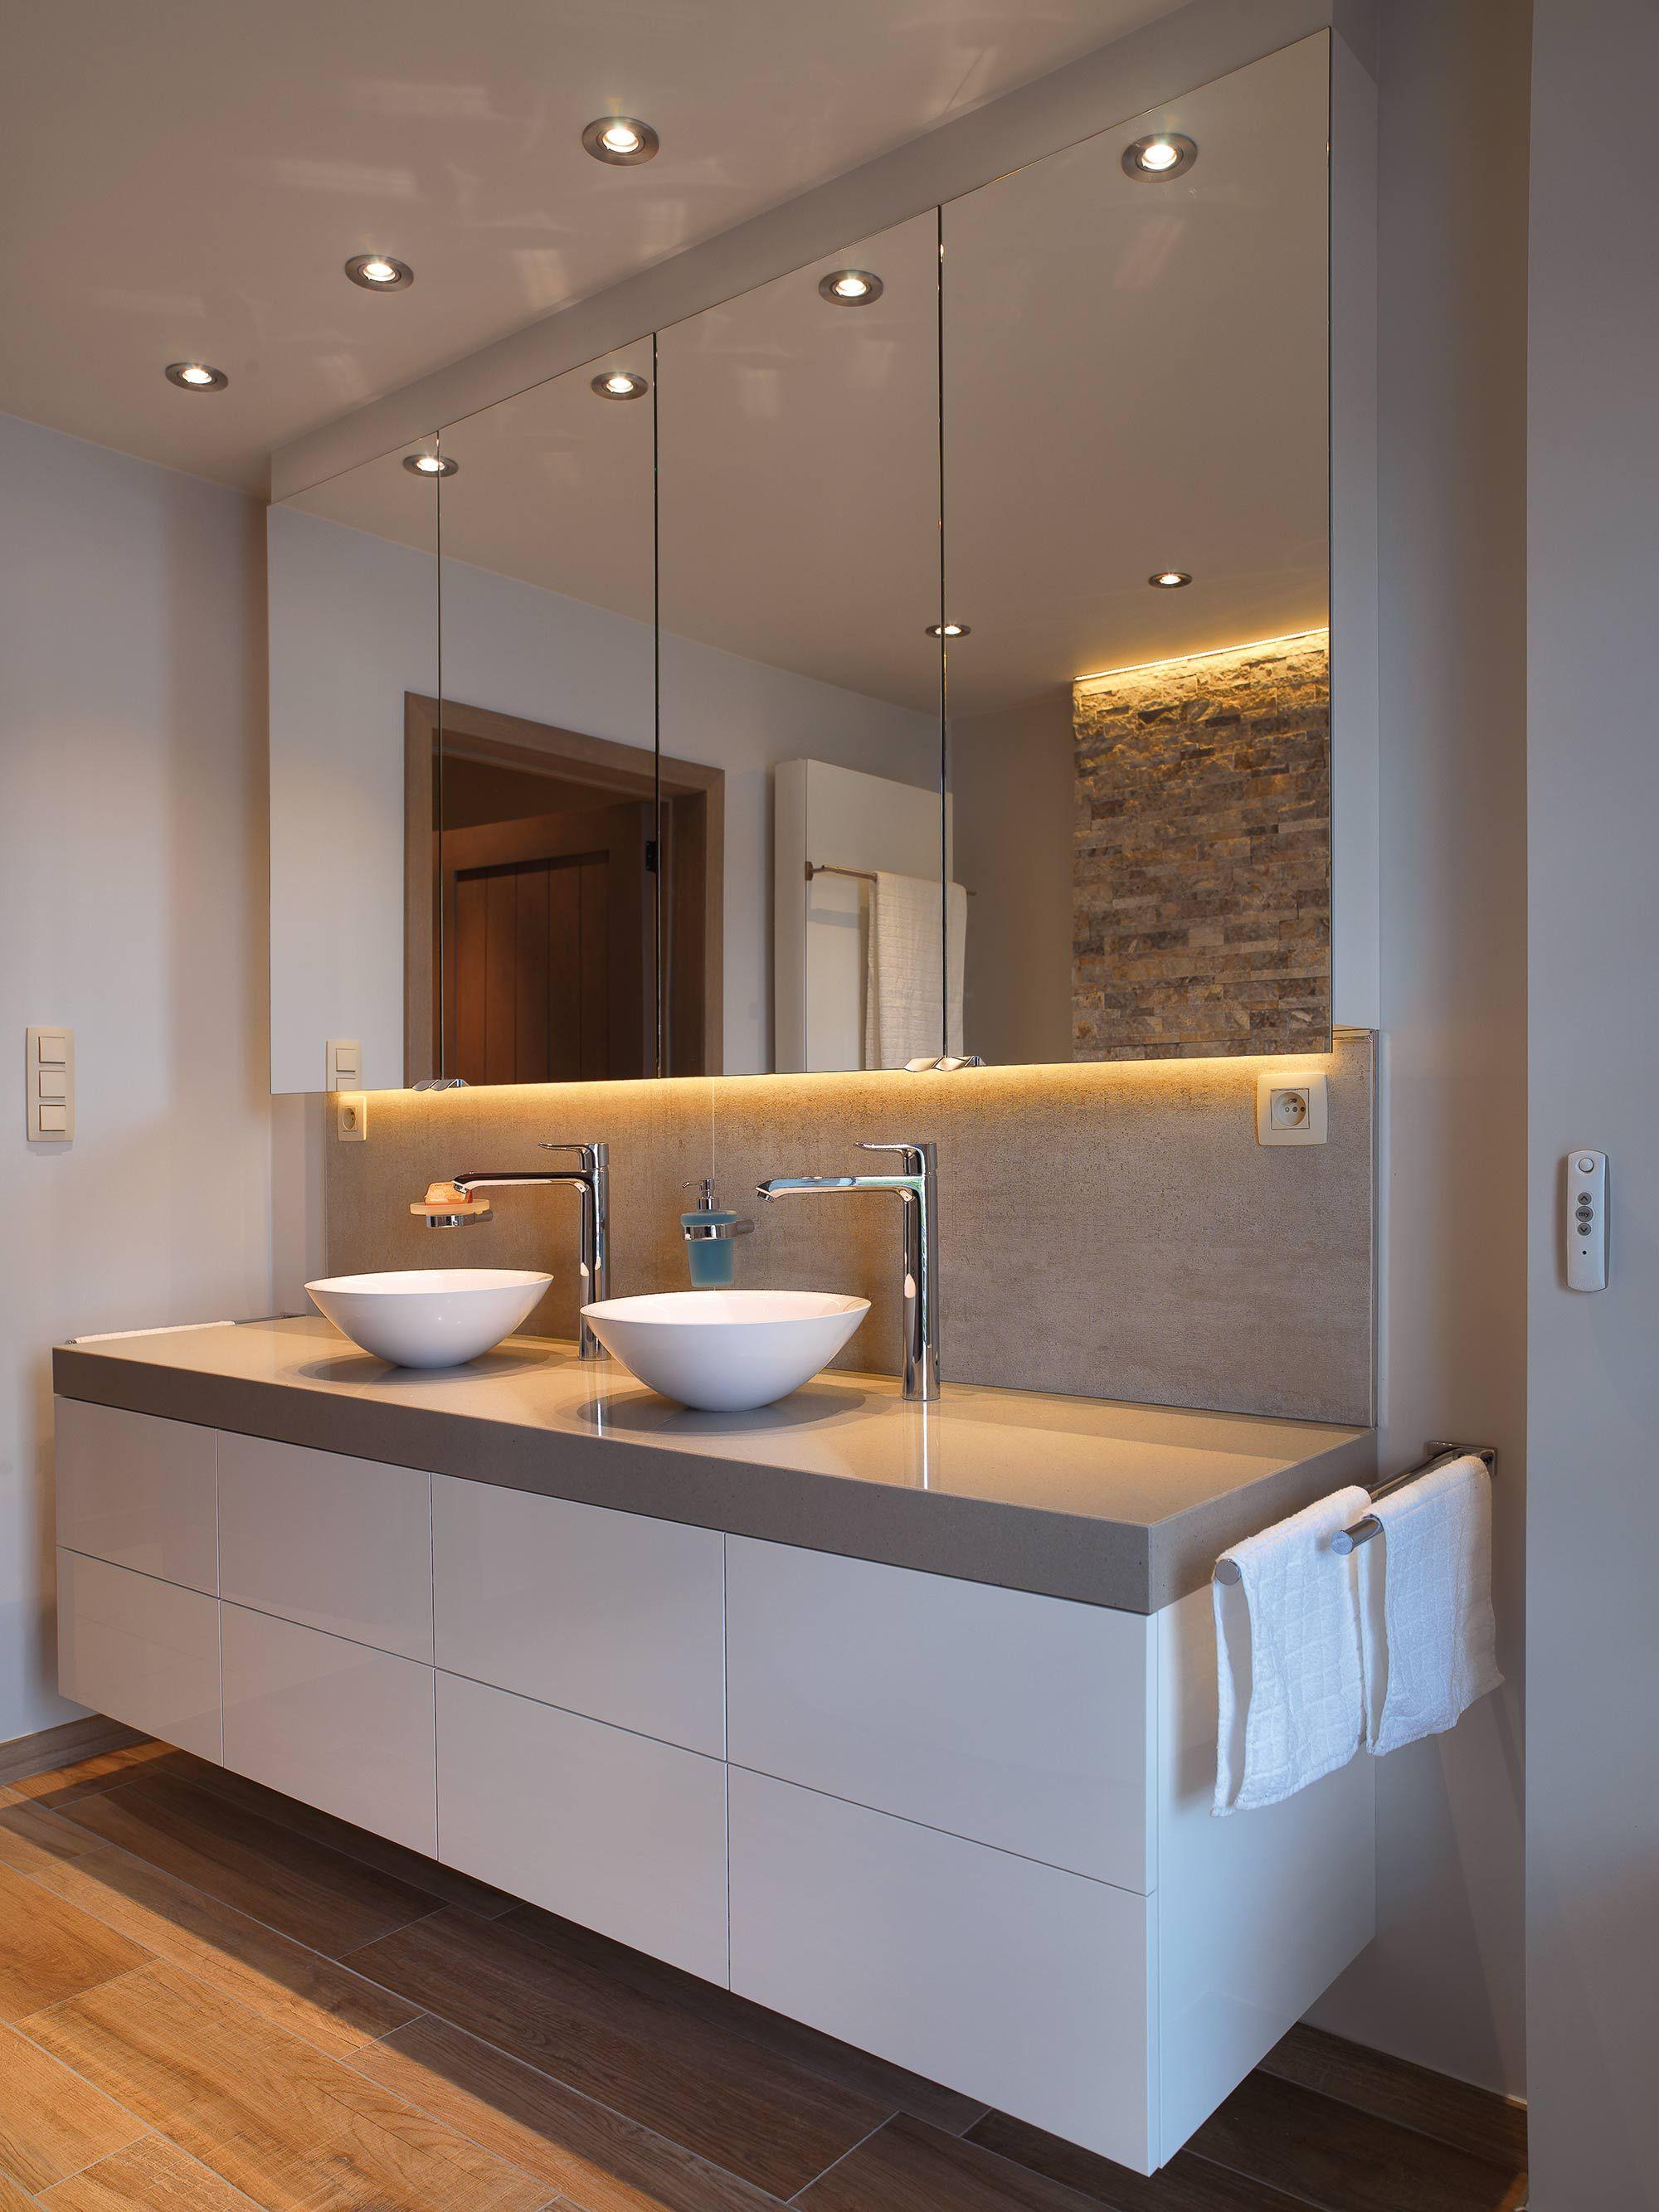 Badezimmer design gold kaarsjes aan badkamerdeur op slot en languit in bad of genieten van